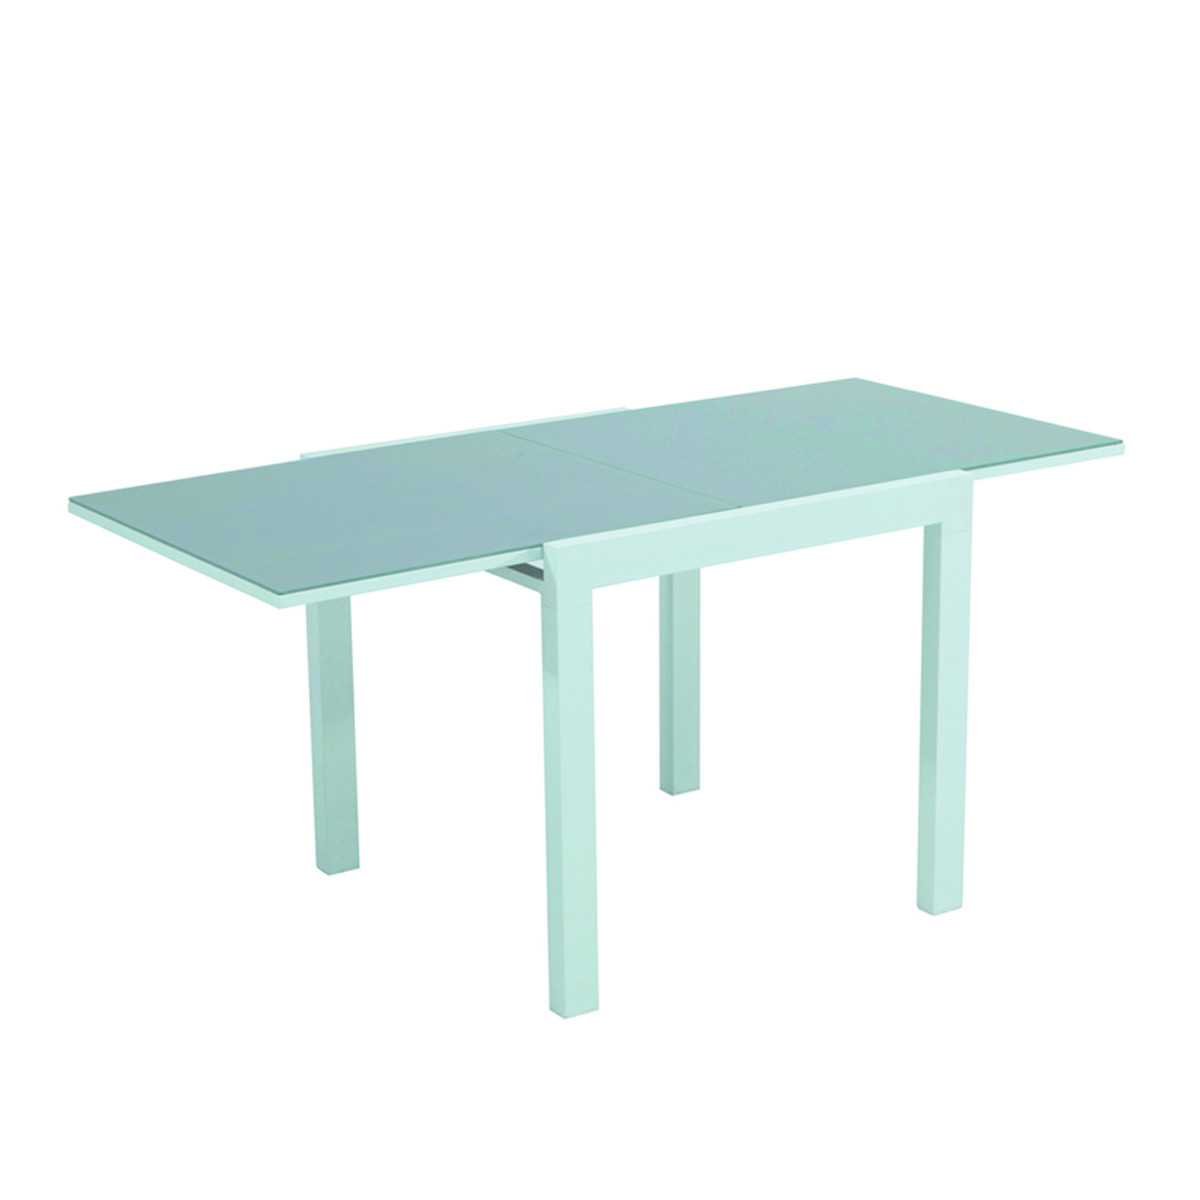 Tavolo fast allungabile 80 140cm struttura metallo vetro for Tavoli giardino leroy merlin